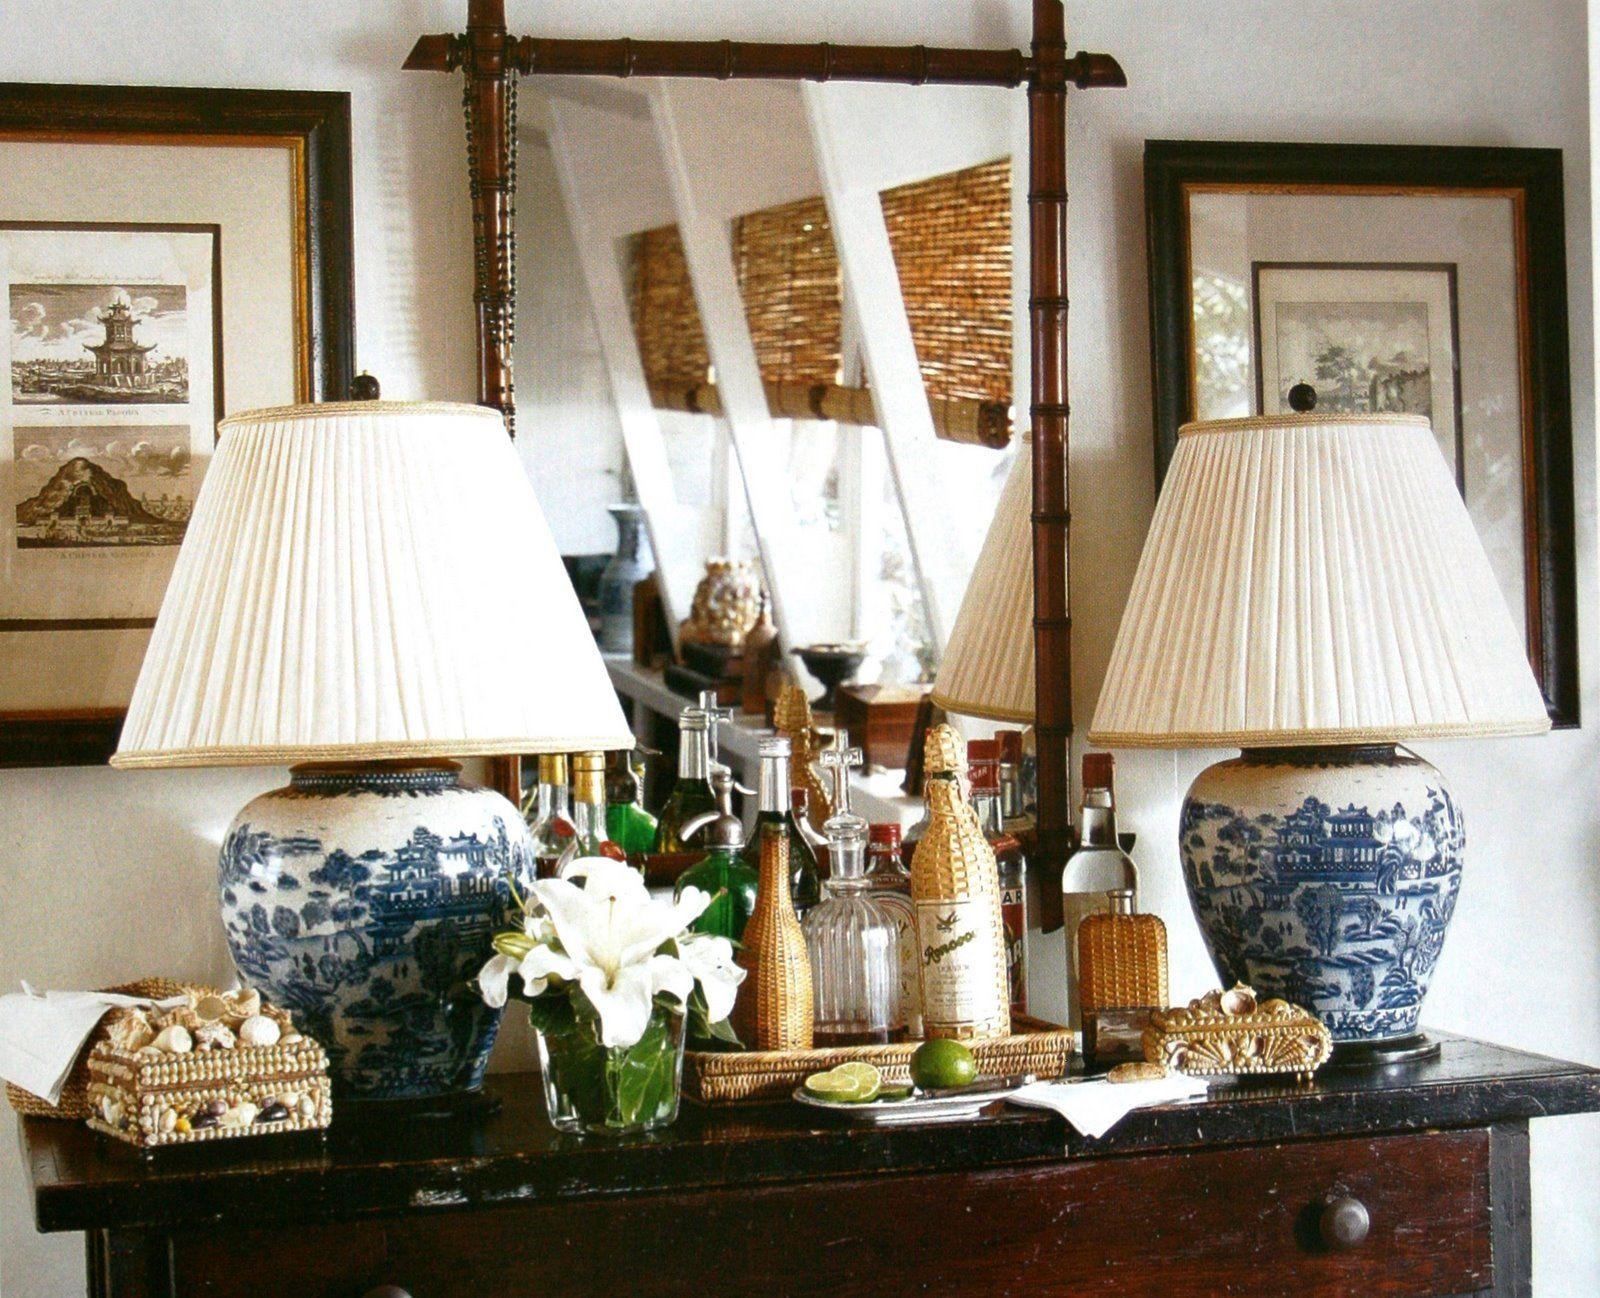 Zuniga Interiors- Michelle Zuniga Interior Stylist Portfolio: Corona del Mar Cottage- Interior Styling by Michelle Zuniga